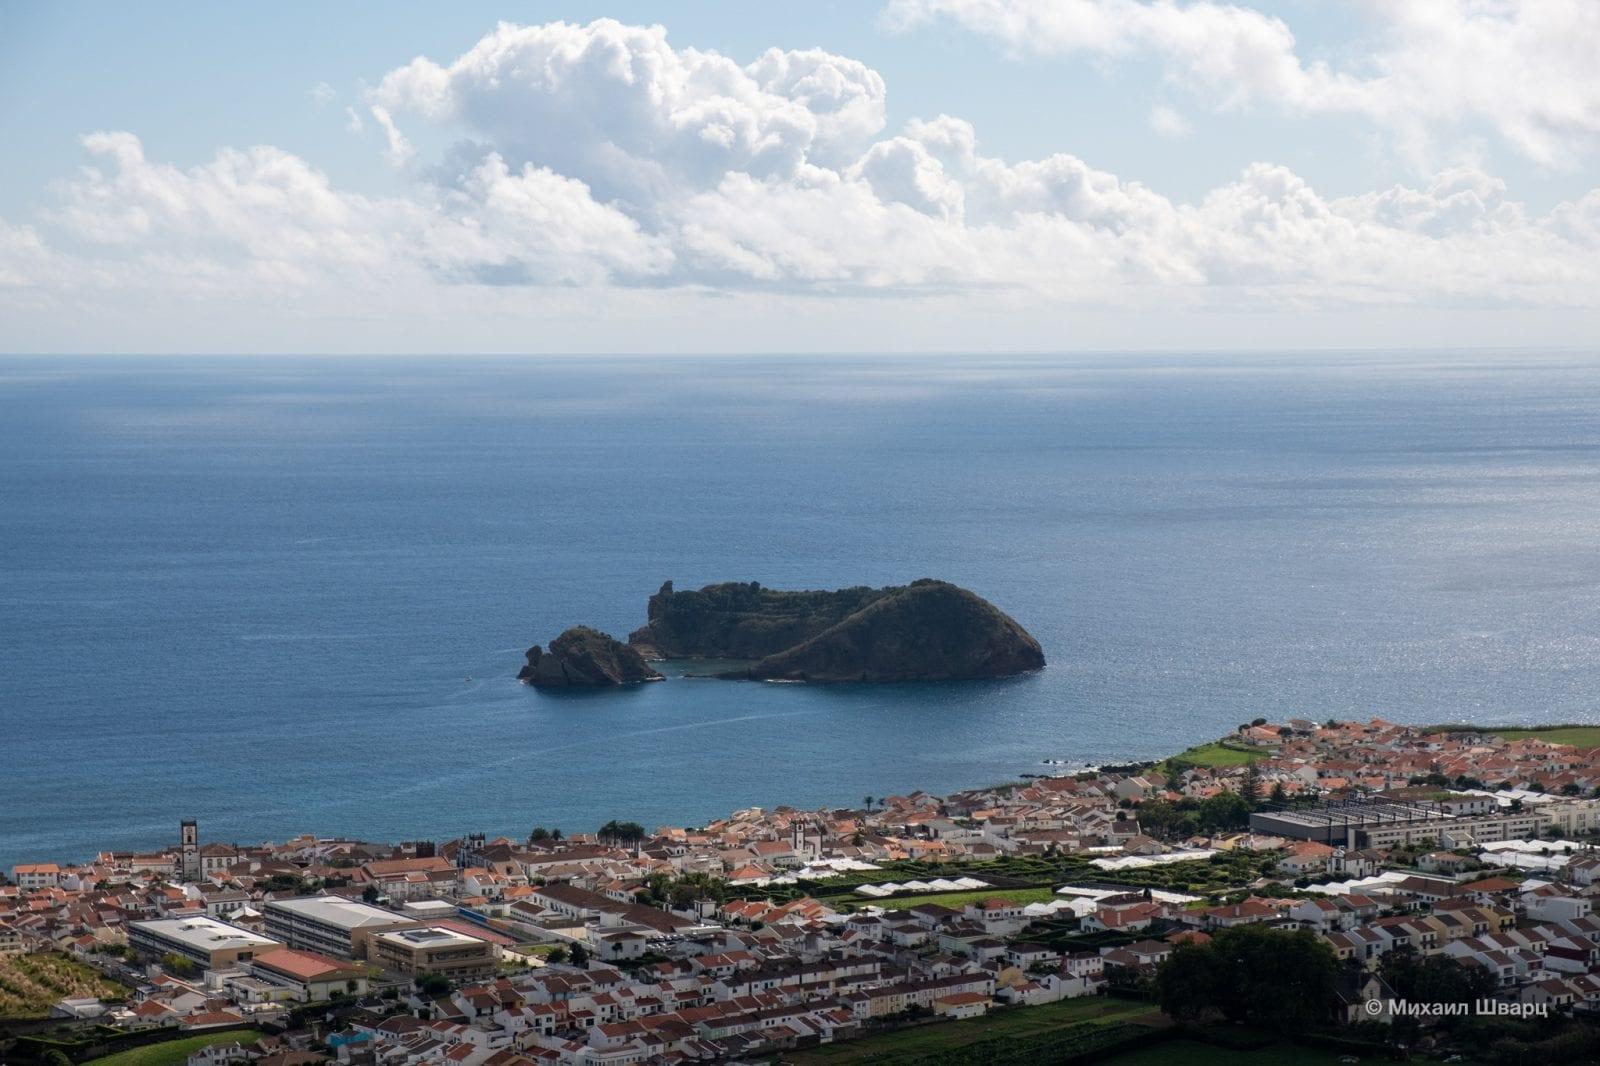 Вид на остров со смотровой Miradouro da Nossa Senhora da Paz